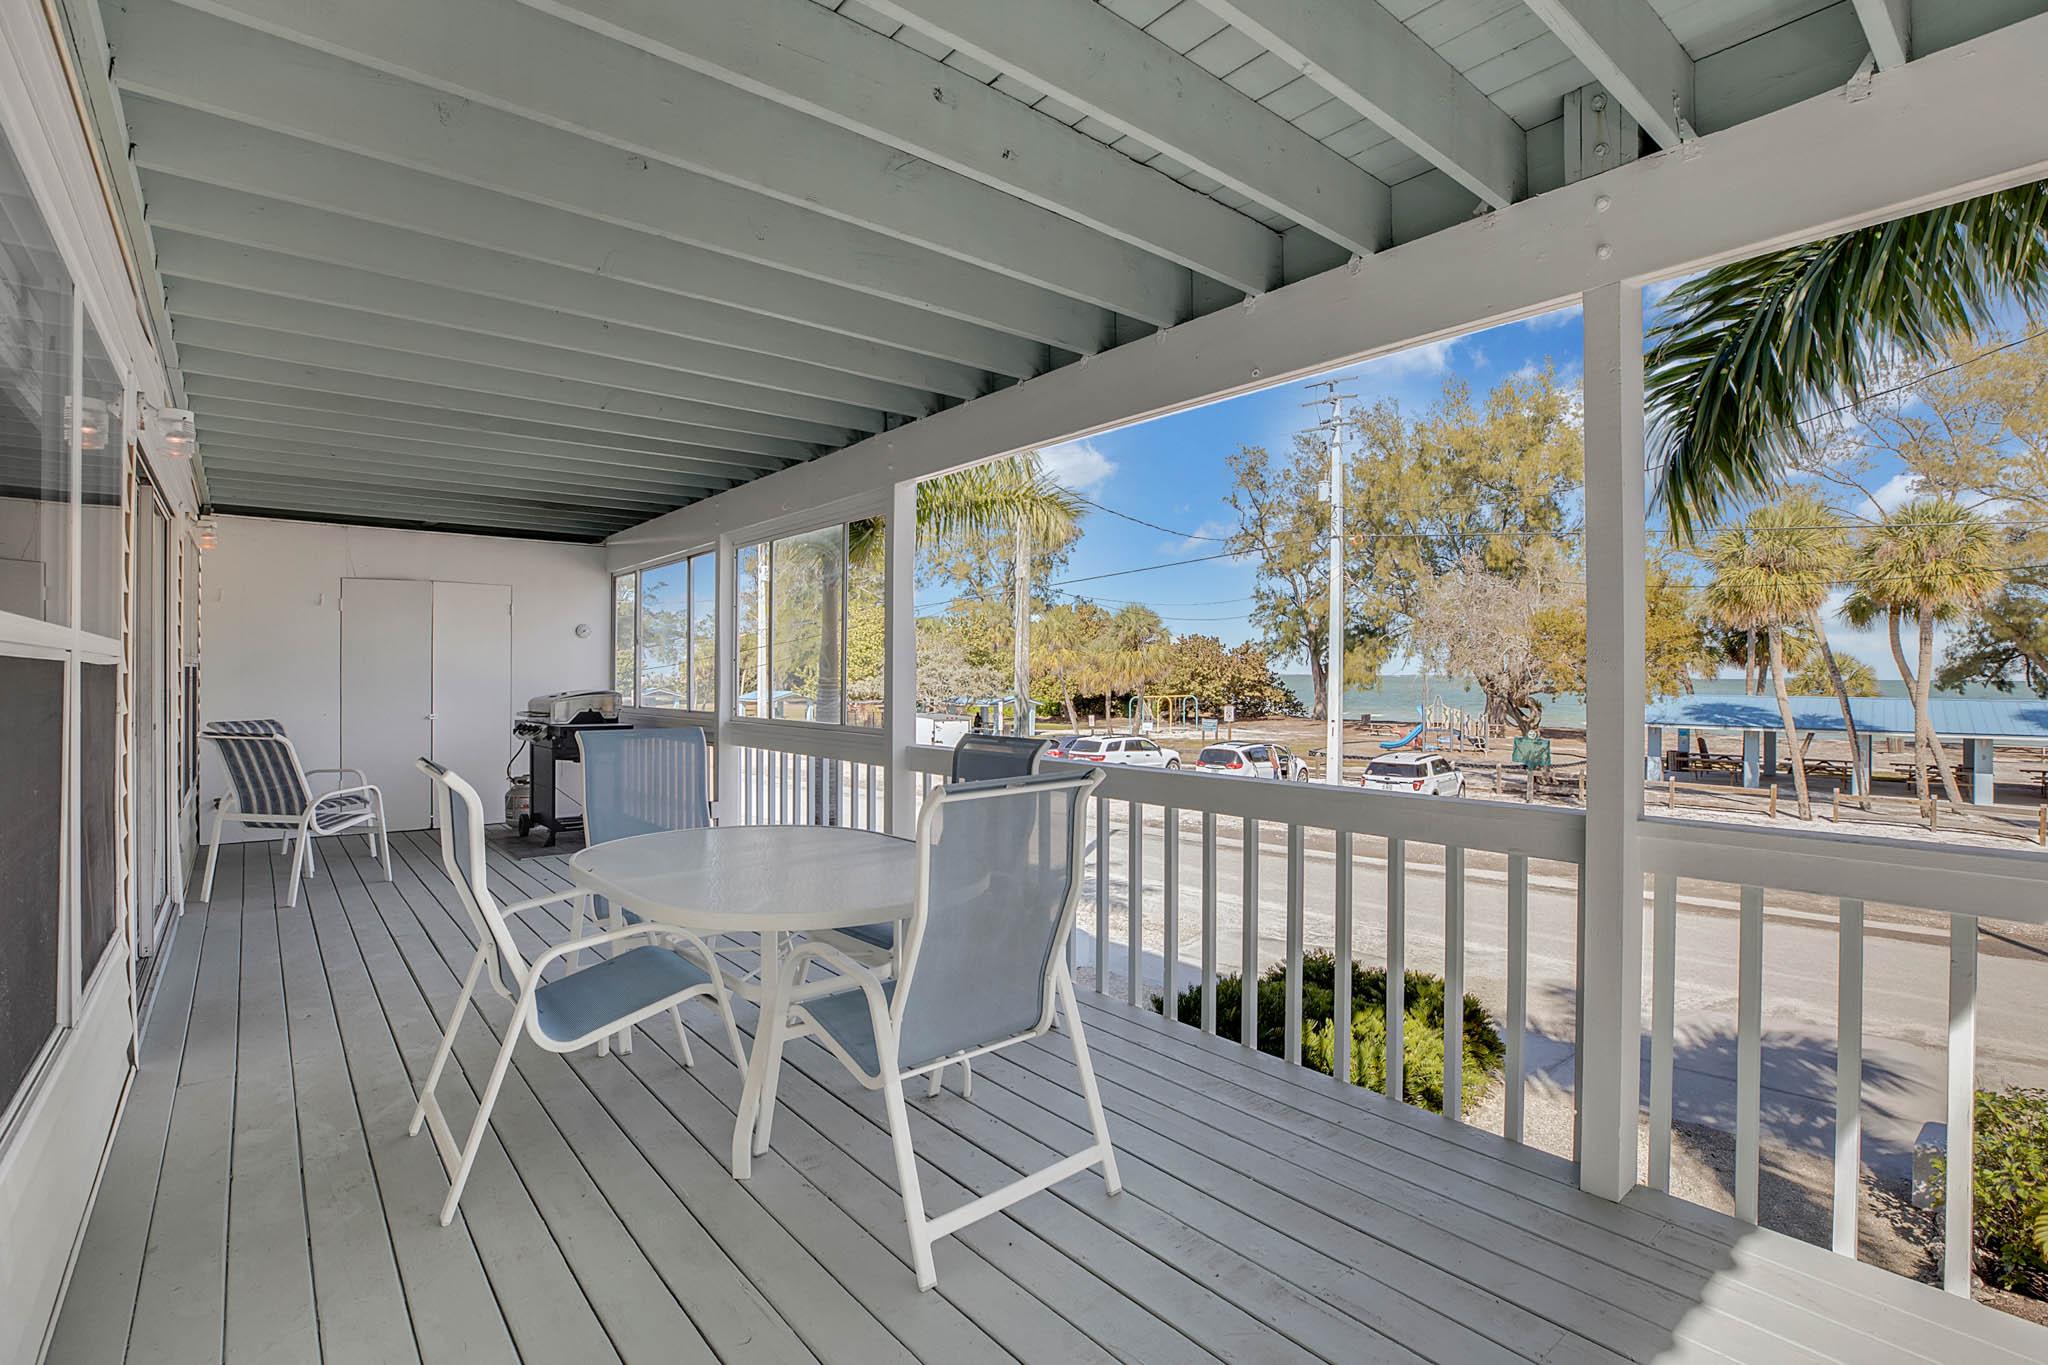 403-N-Bay-Blvd.-Anna-Maria--FL-34216--10--2nd-Floor-Front-Deck-1---1.jpg